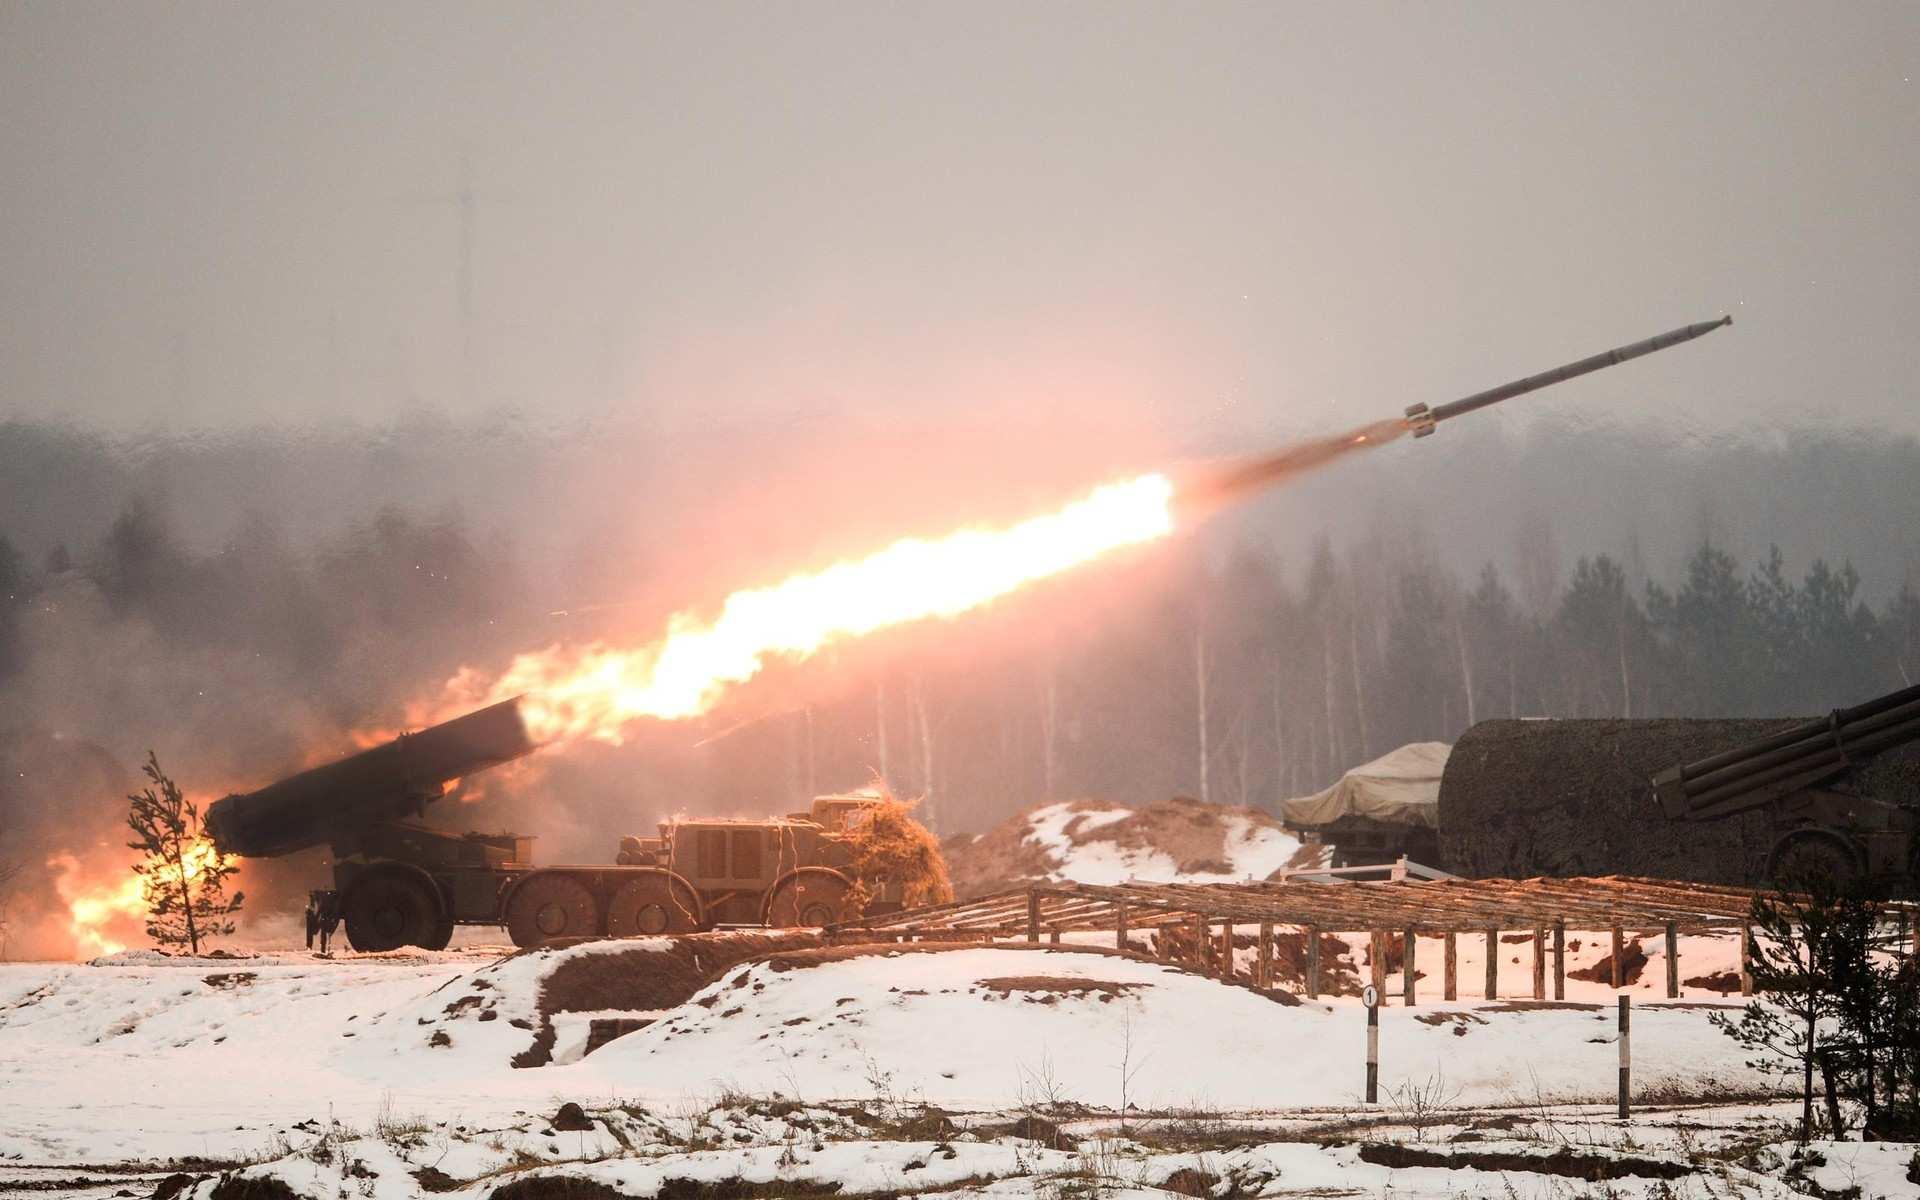 Автостанция «Мотель» в Донецке была обстреляна из РСЗО «Ураган», — экспертиза | Русская весна